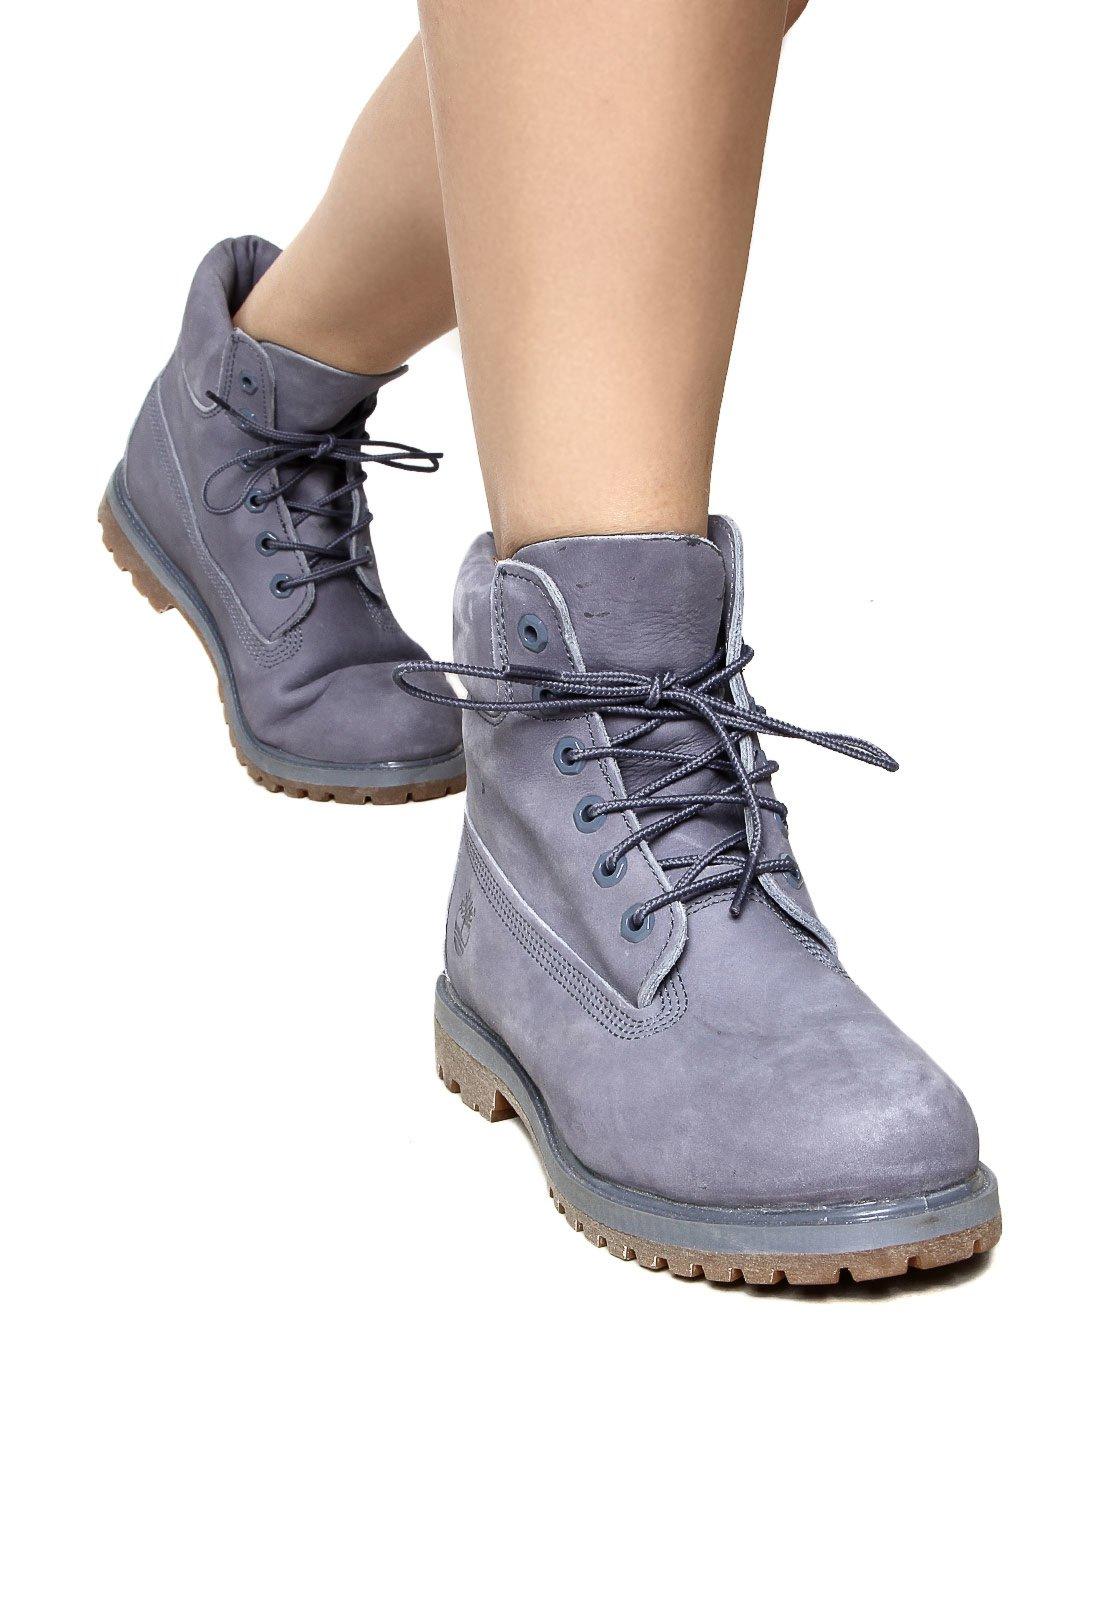 eeac5c27 Timberland. Bota Couro Timberland Yellow Boot 6 Premium ...